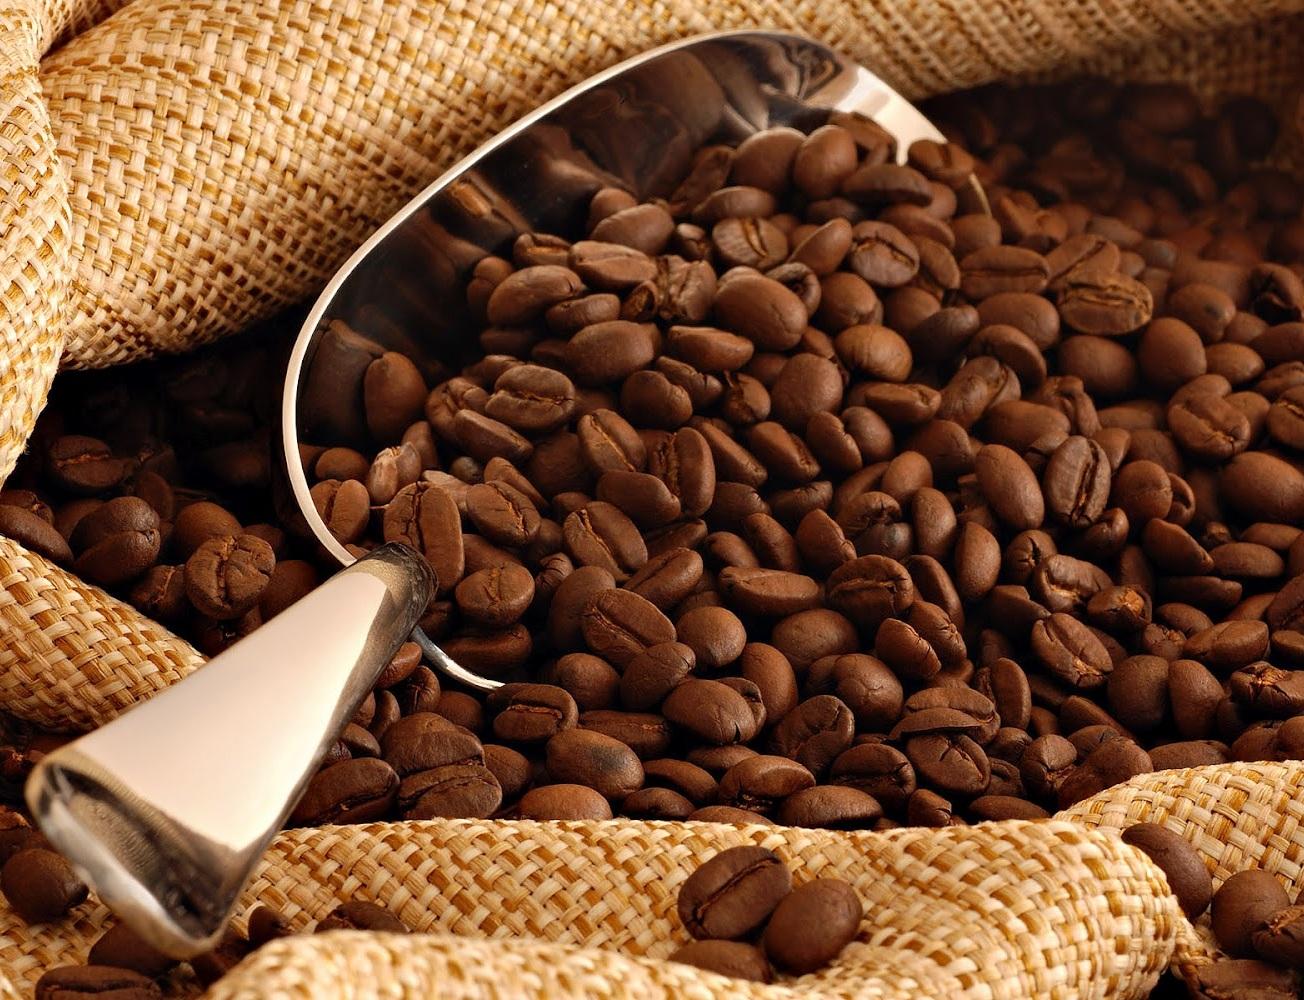 Giá cà phê Arabica nhìn chung cao hơn so với Robusta.